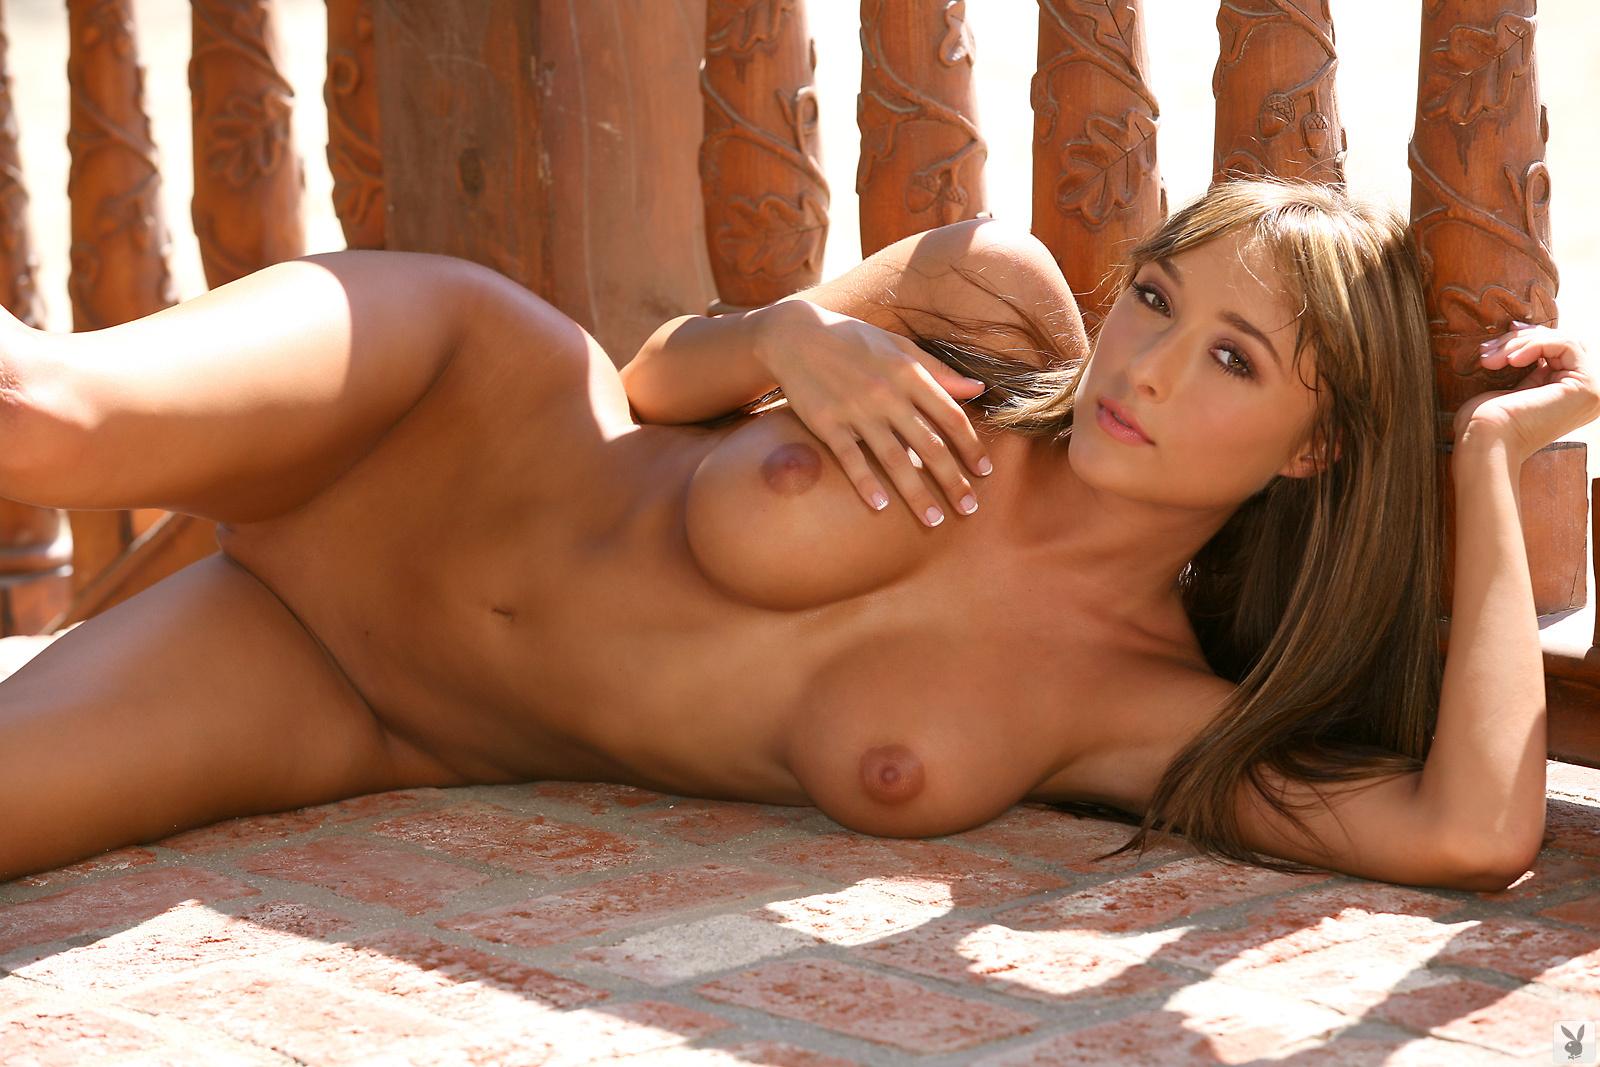 Naga babes nude pics pornos tubes